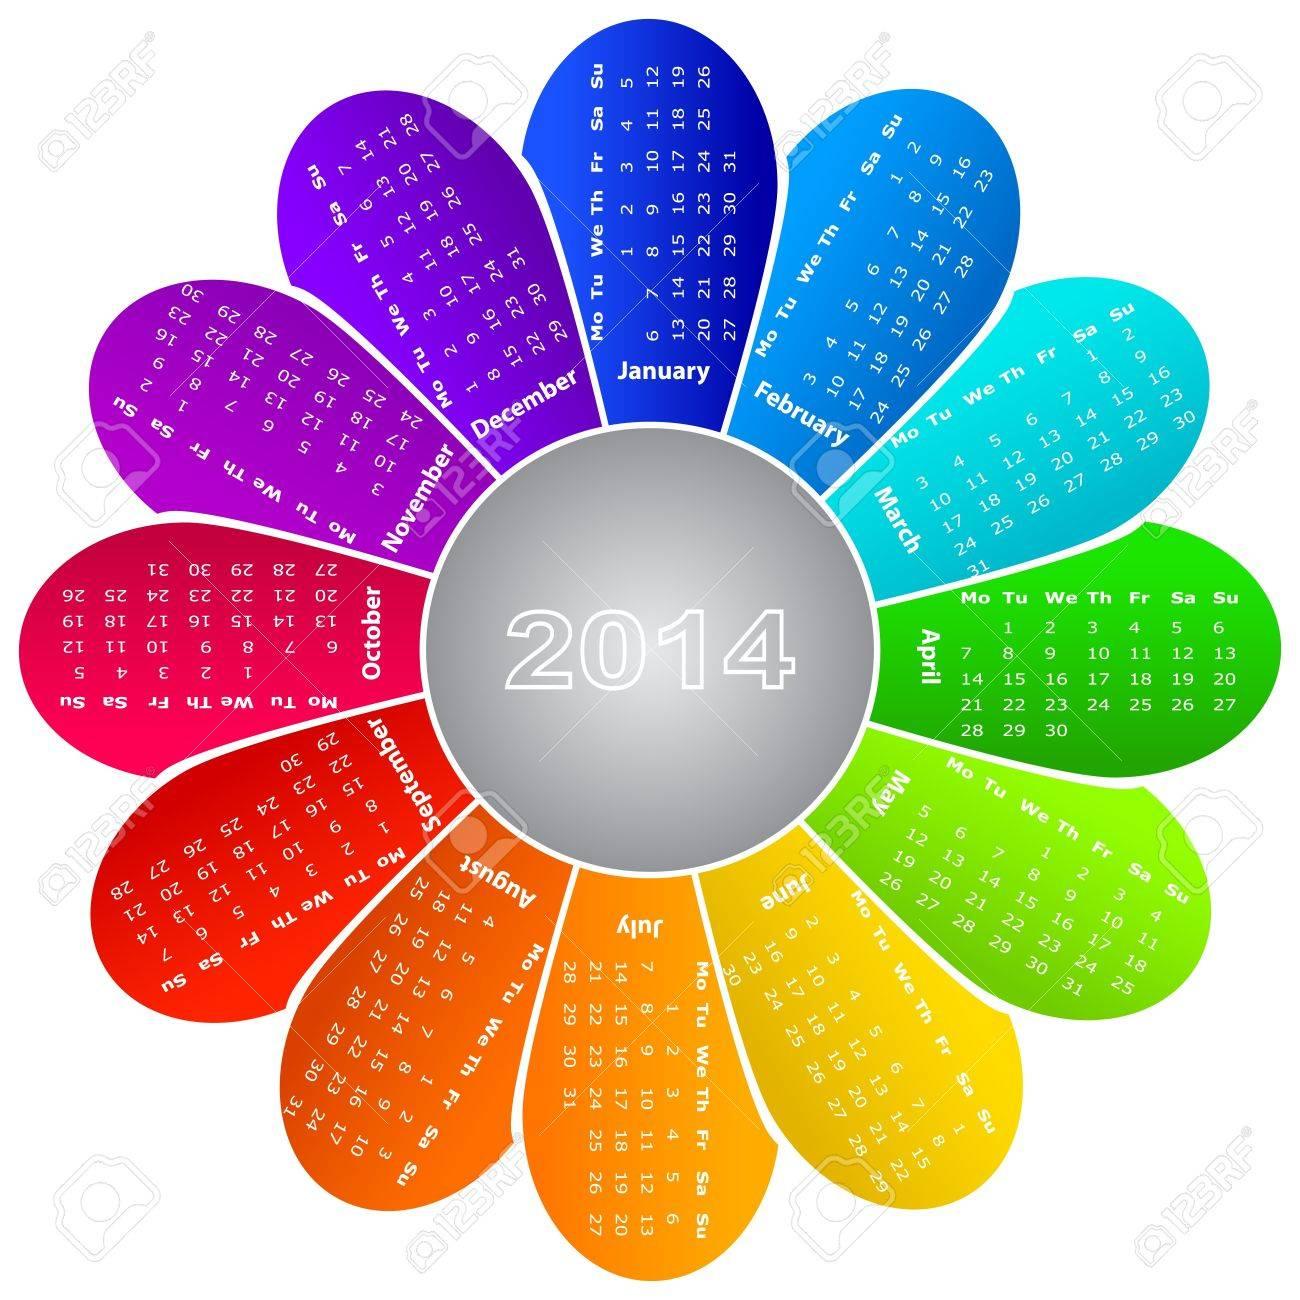 2014 calendar on rainbow flower background Stock Vector - 18381142